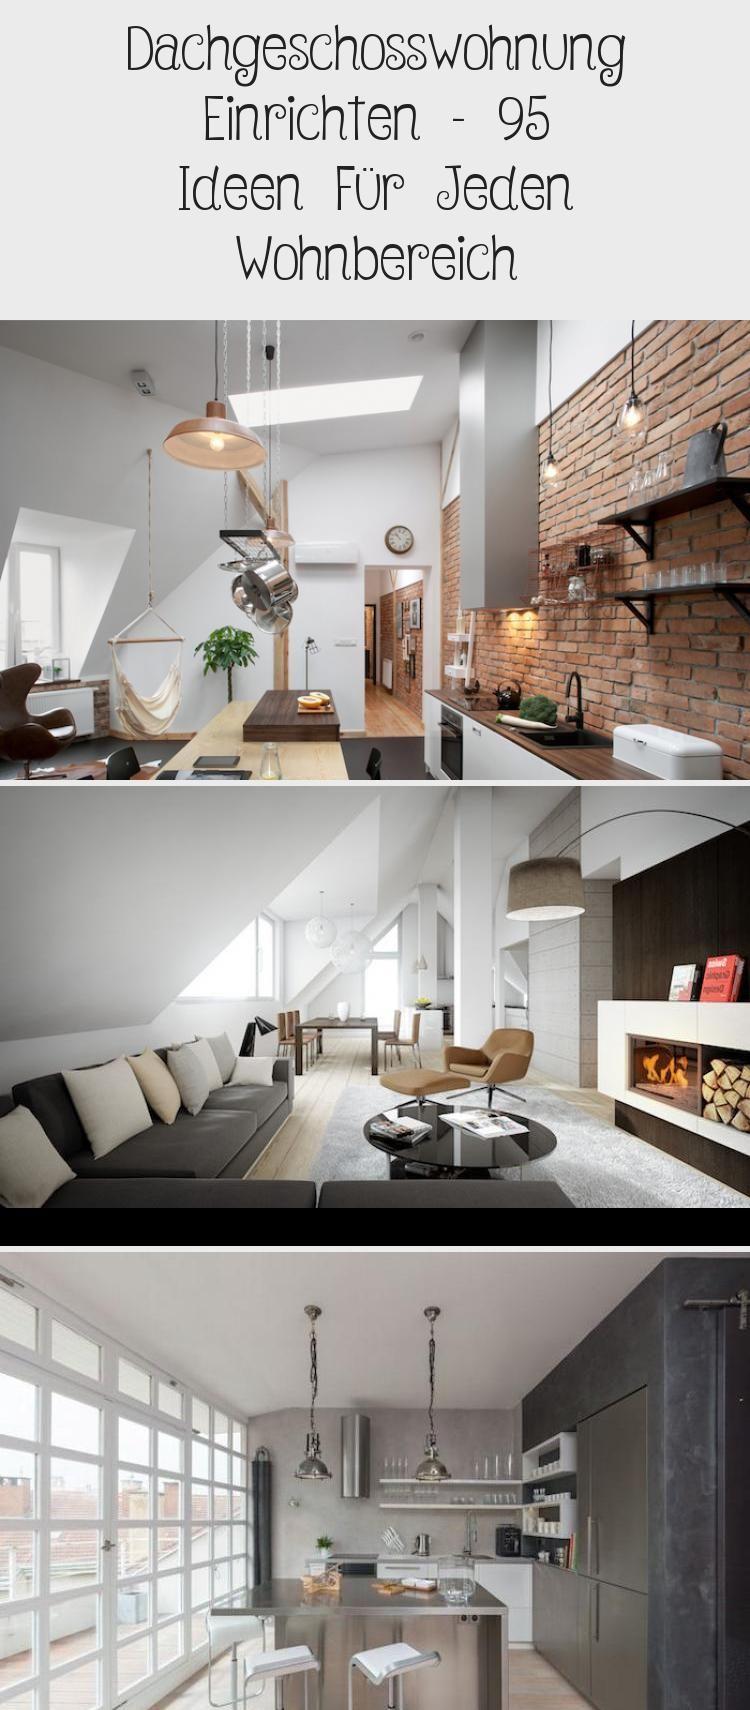 Full Size of Dachgeschosswohnung Einrichten 95 Ideen Fr Jeden Wohnbereich Kleine Küche Badezimmer Wohnzimmer Dachgeschosswohnung Einrichten